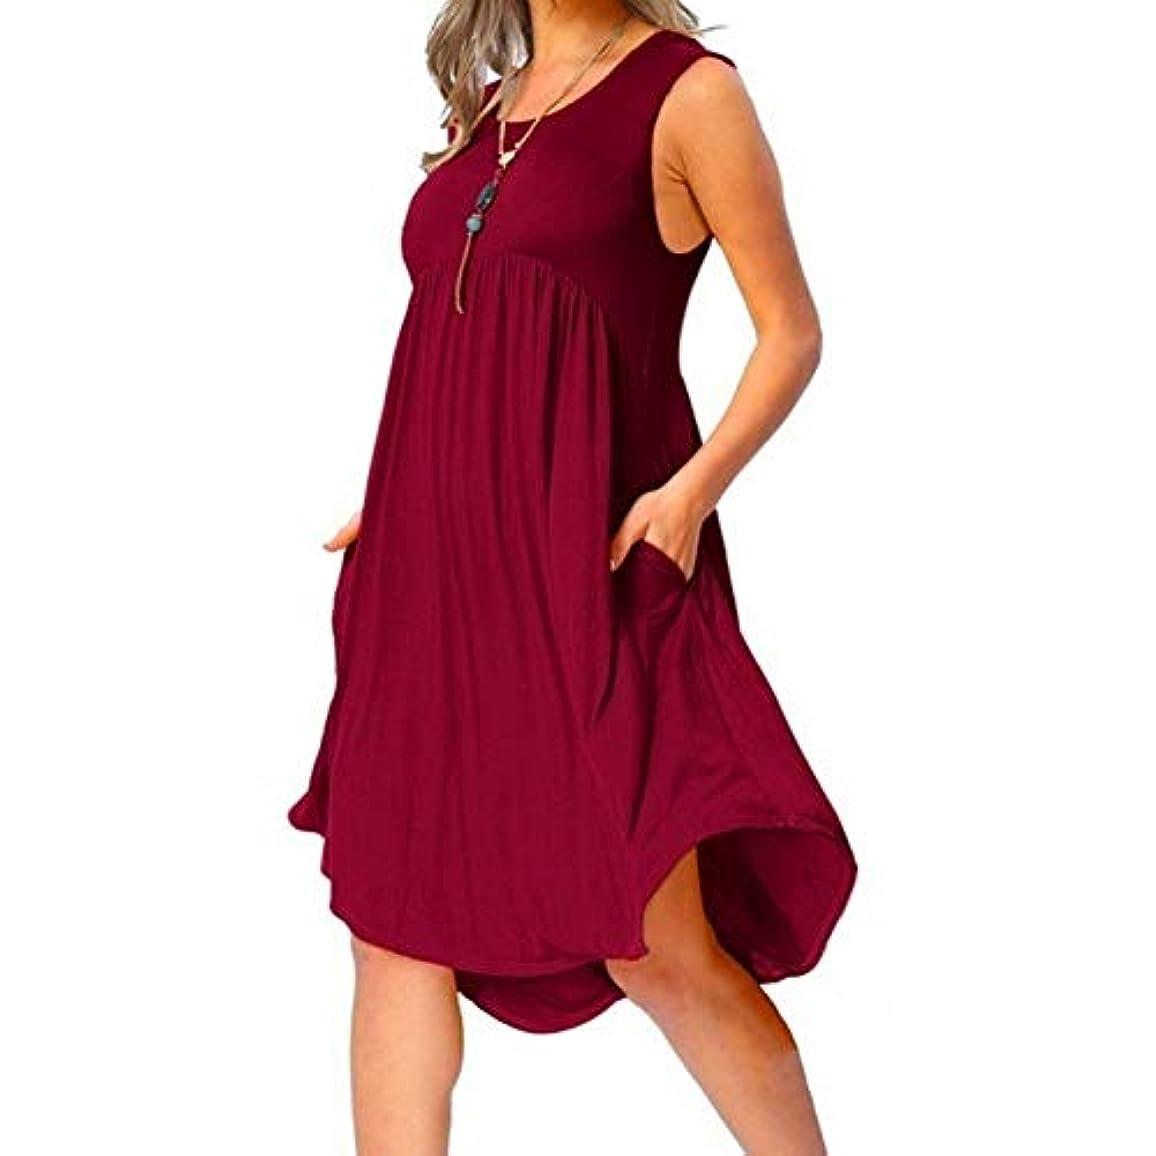 セミナーコンパイル乱用MIFAN の女性のドレスカジュアルな不規則なドレスルースサマービーチTシャツドレス